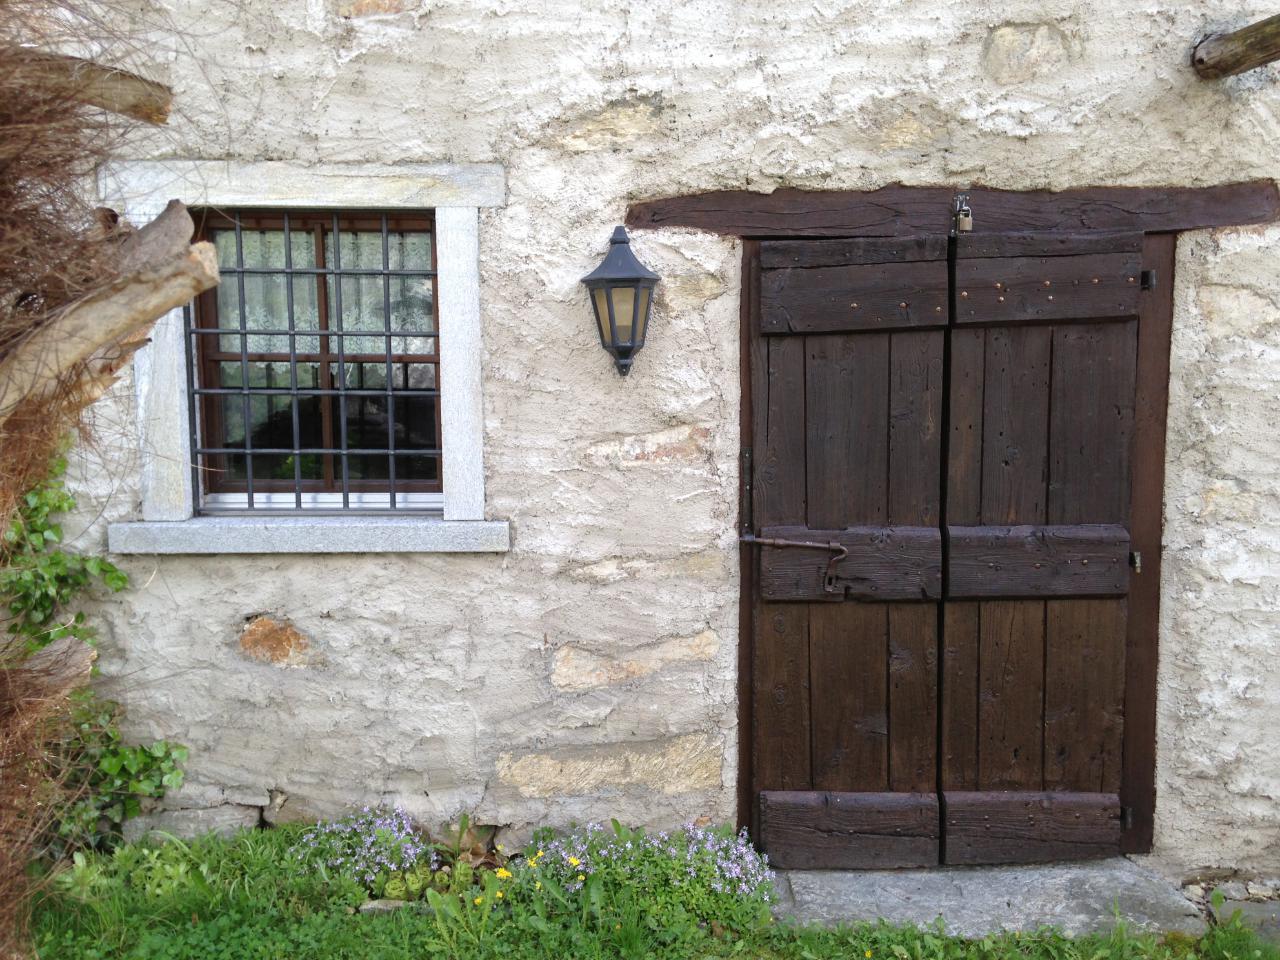 Ferienhaus Ursprüngliches, stilvolles Rustico (808580), Malvaglia, Bleniotal, Tessin, Schweiz, Bild 6